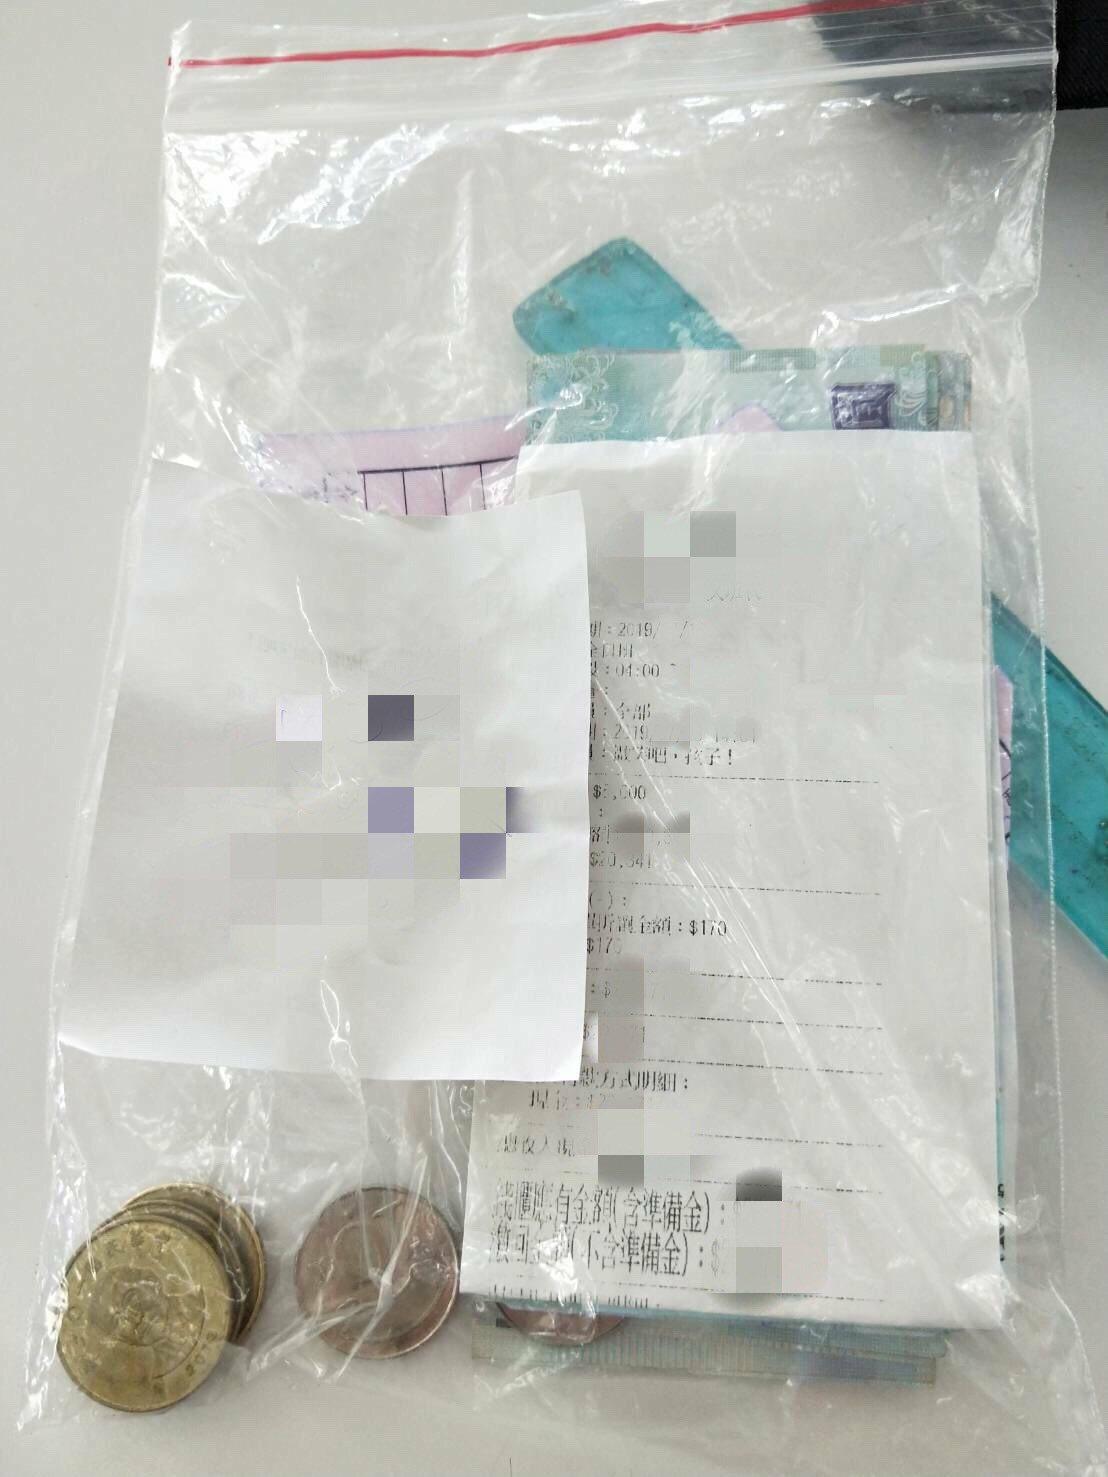 黃女用透明夾鏈袋裝貸款3萬796元,卻在車禍後不翼而飛。(圖非遺失貸款)圖/家屬...